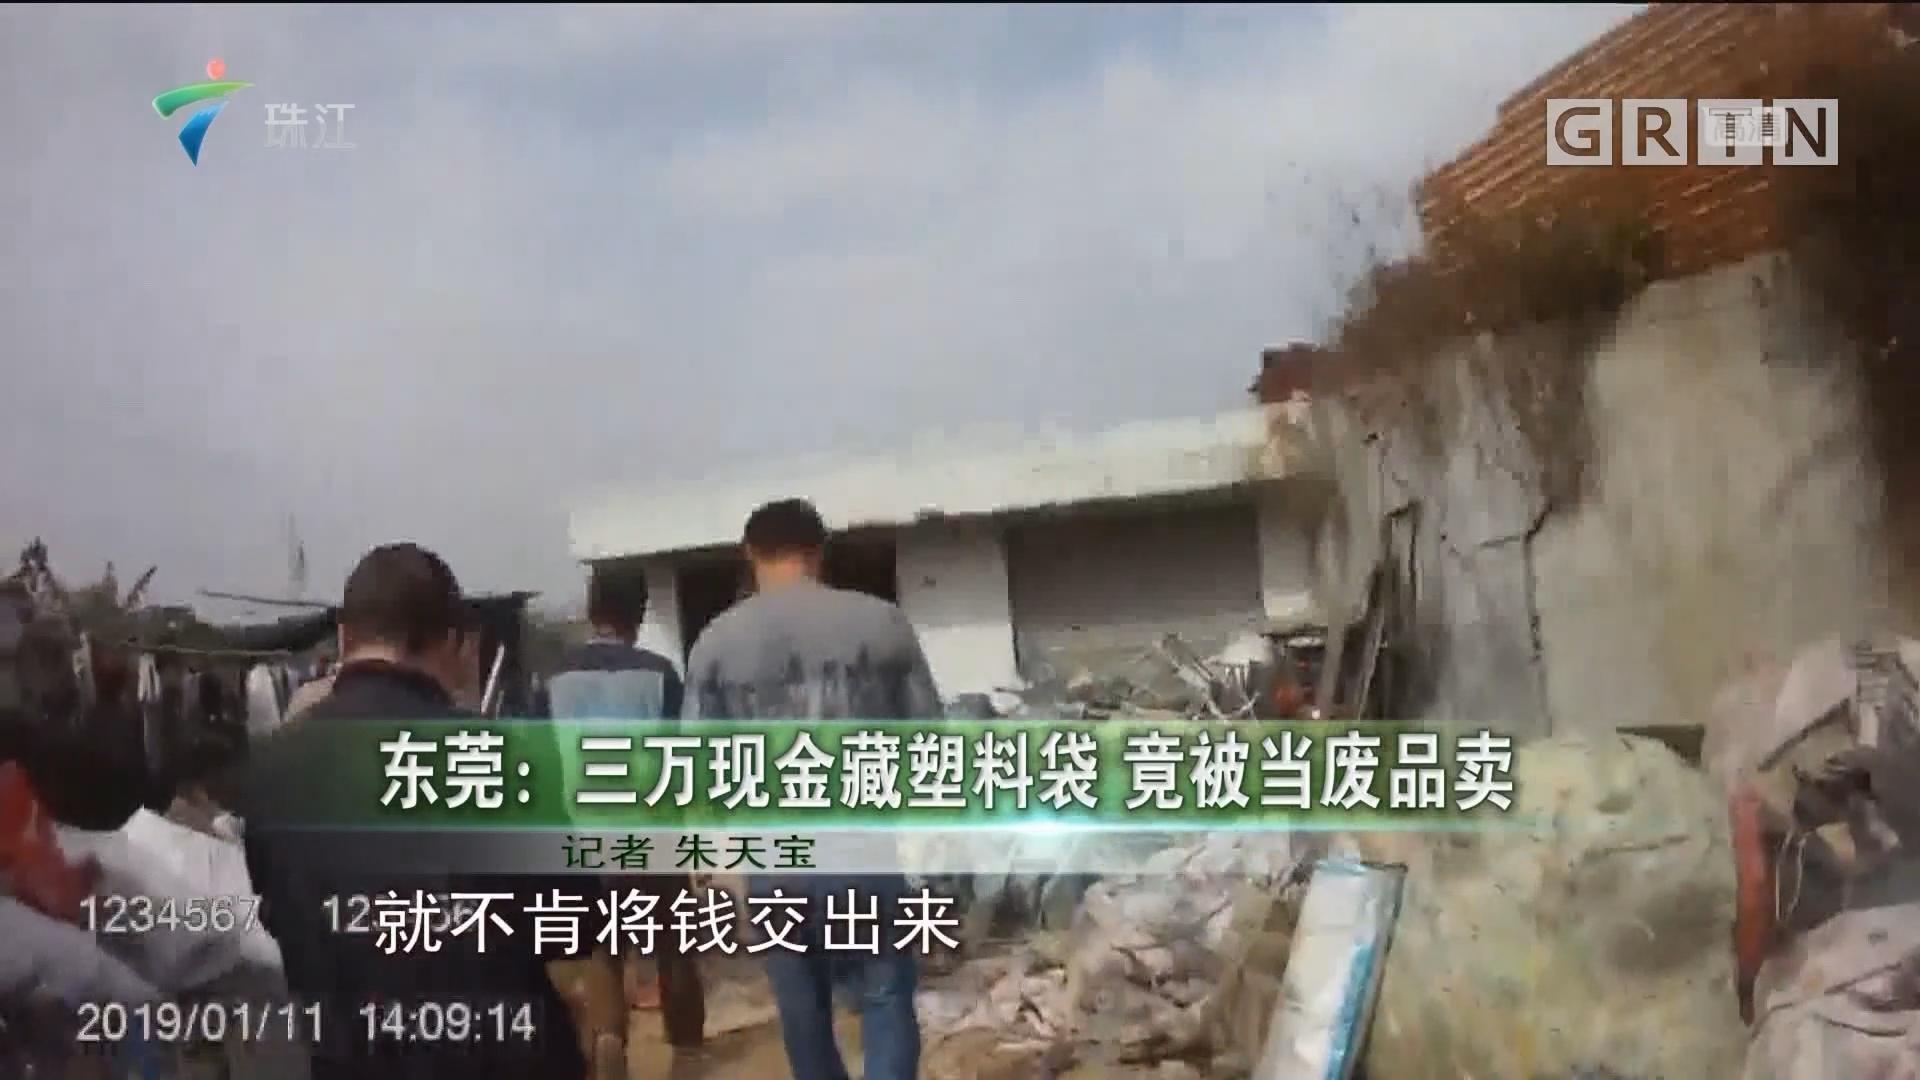 东莞:三万现金藏塑料袋 竟被当废品卖